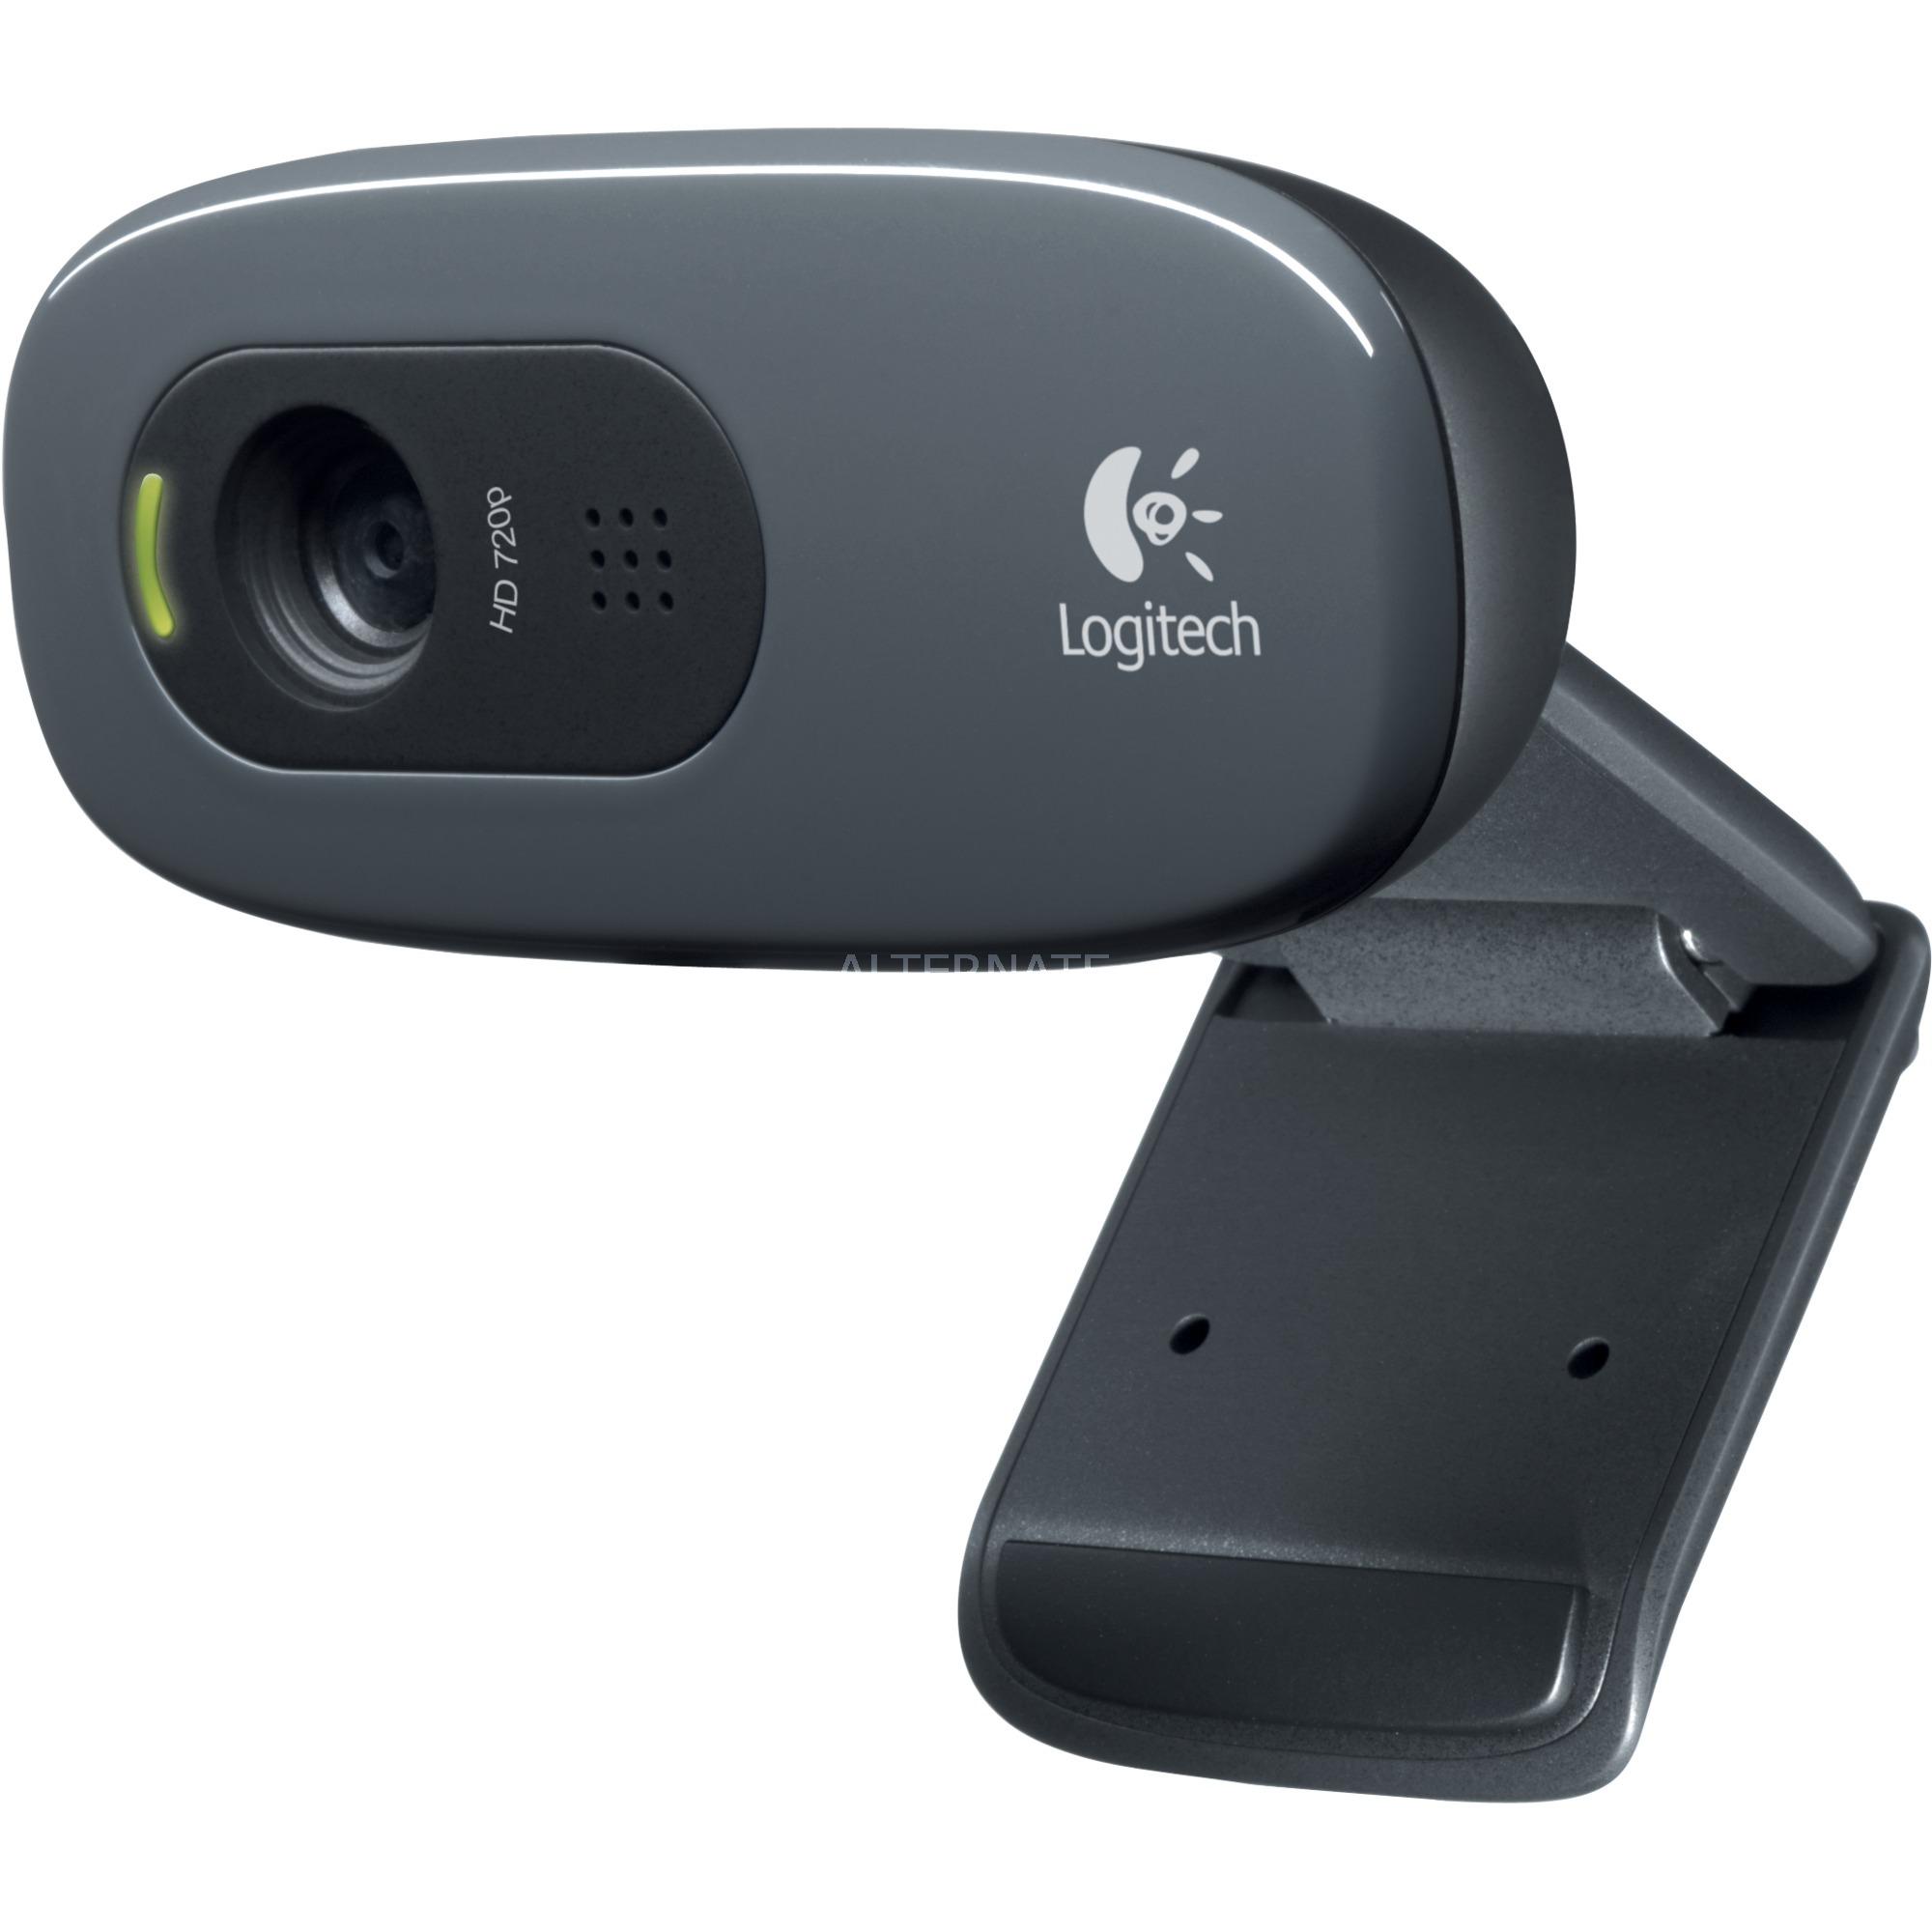 C270 cámara web 3 MP 1280 x 720 Pixeles USB 2.0 Negro, Webcam